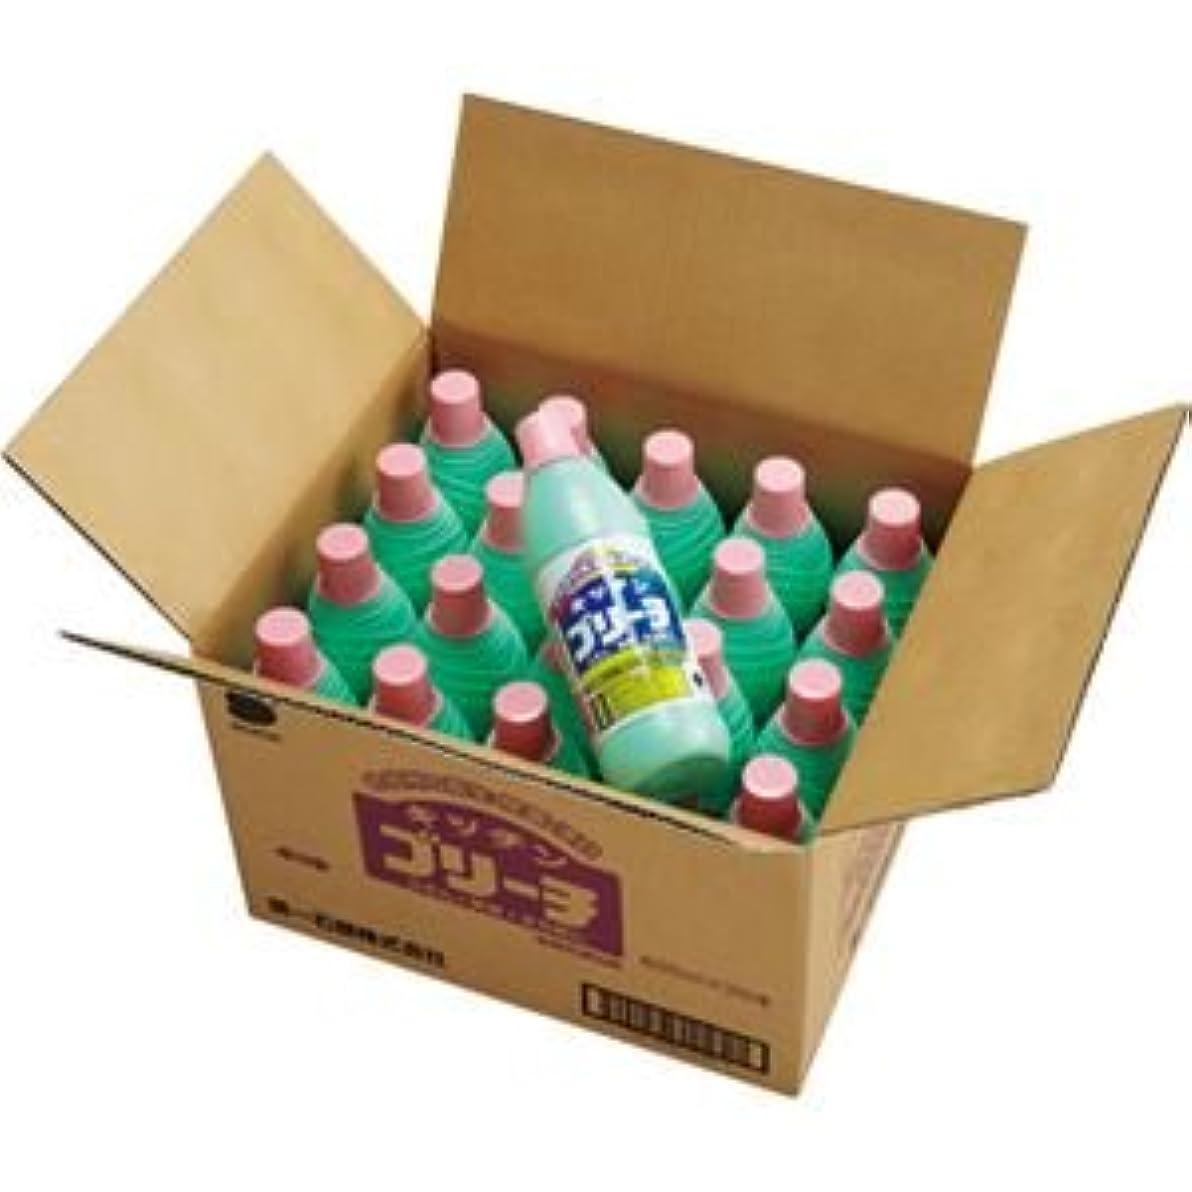 クラウン折ウォルターカニンガム(まとめ) 第一石鹸 キッチンブリーチ 600ml 1セット(20本) 【×2セット】